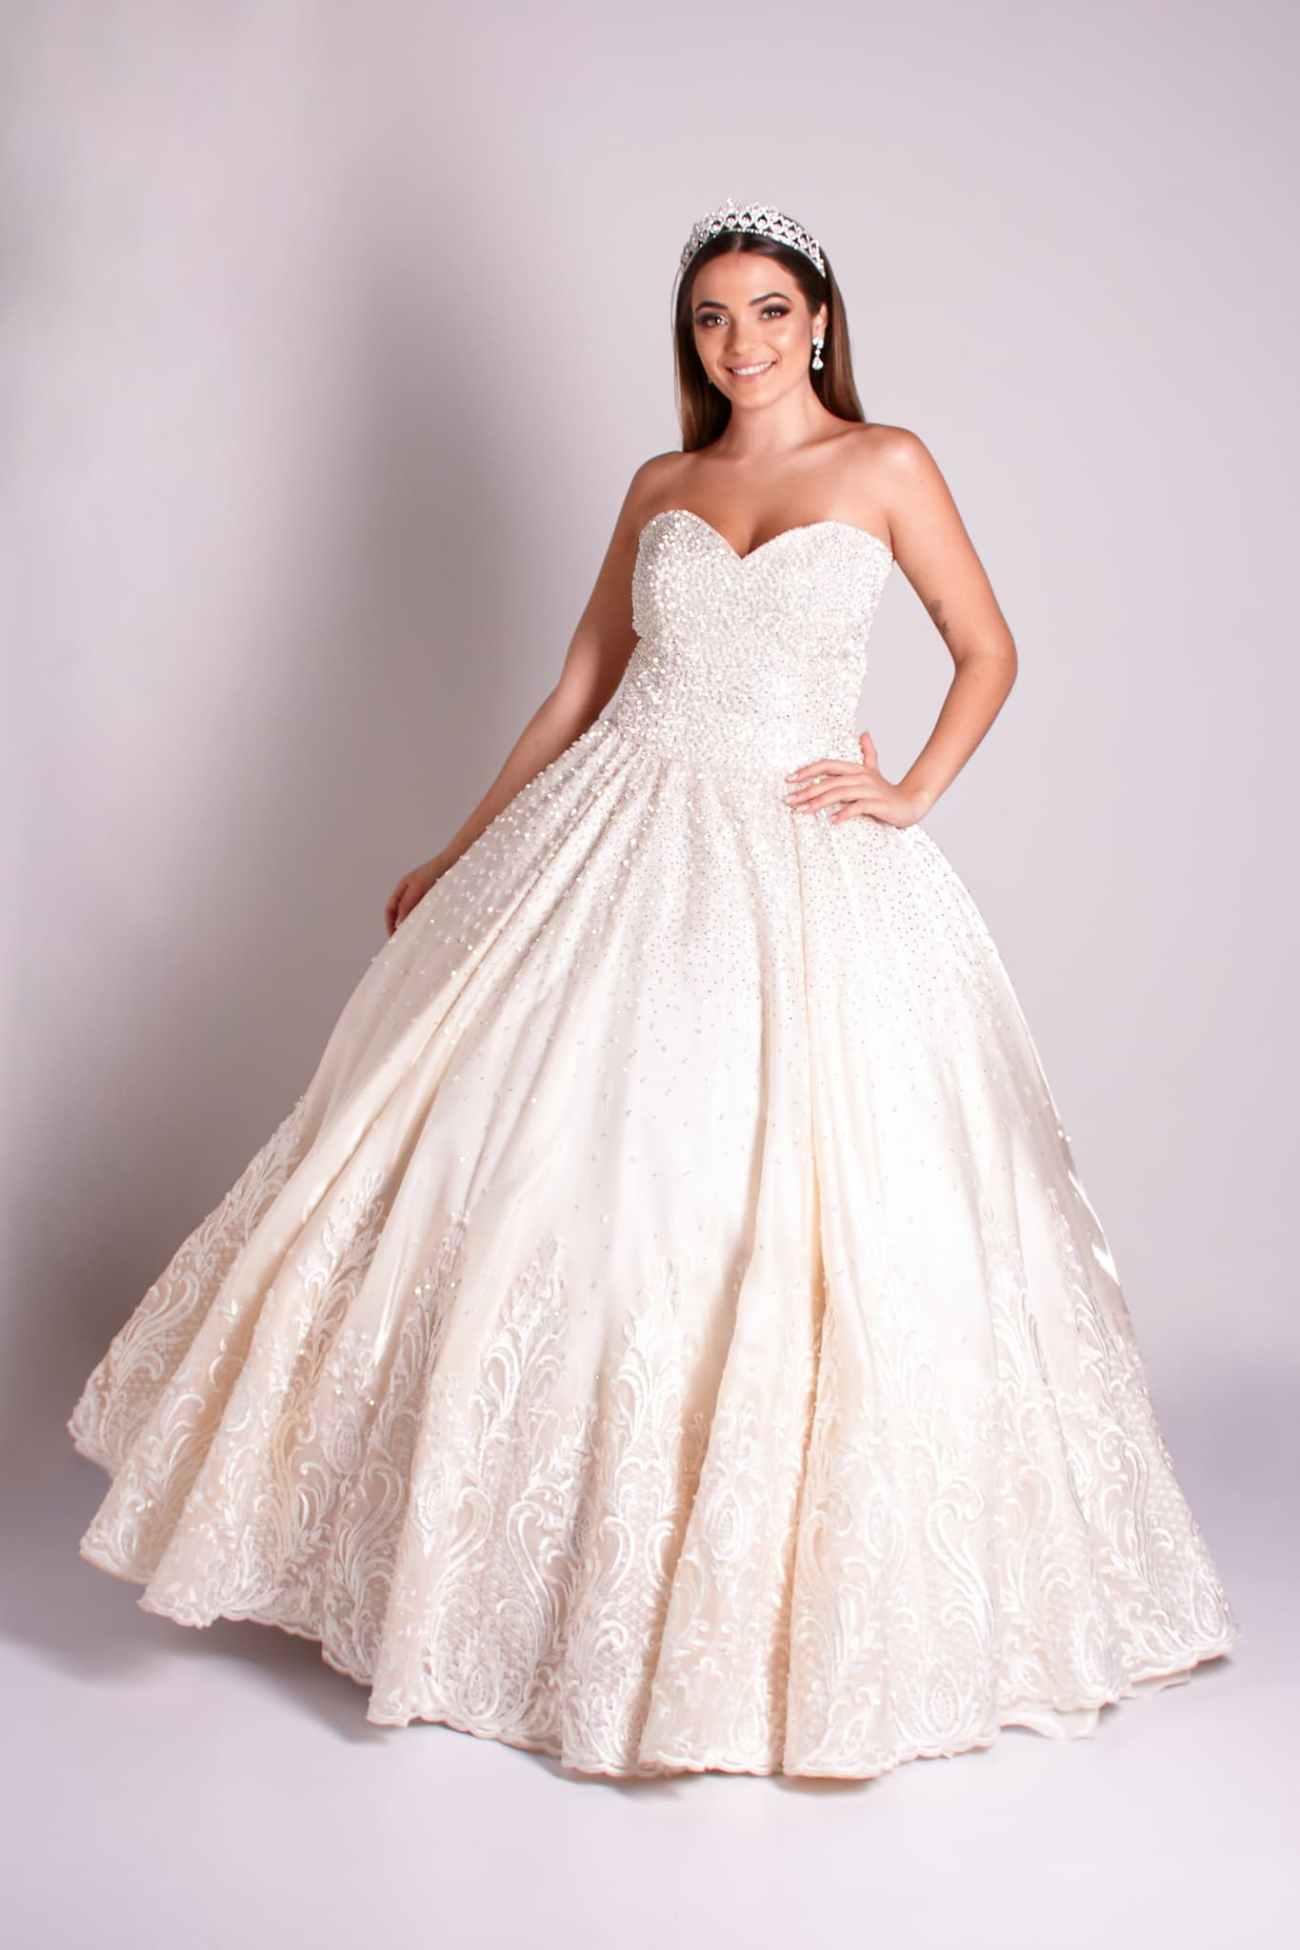 4 - Vestido de valsa offwhite bordado em cristais com barrado de renda